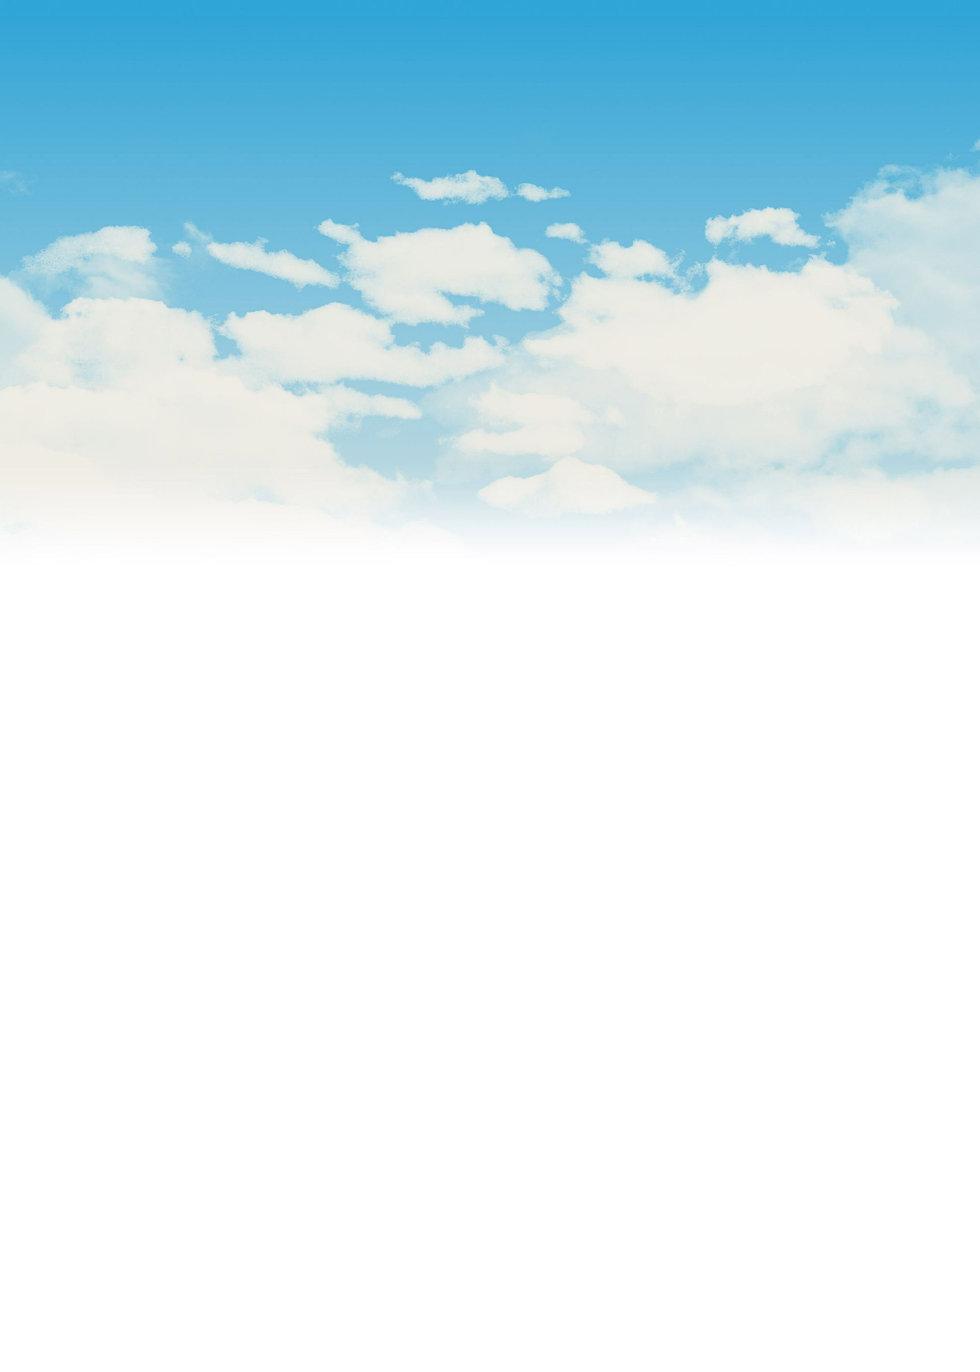 bg_image_1.jpg